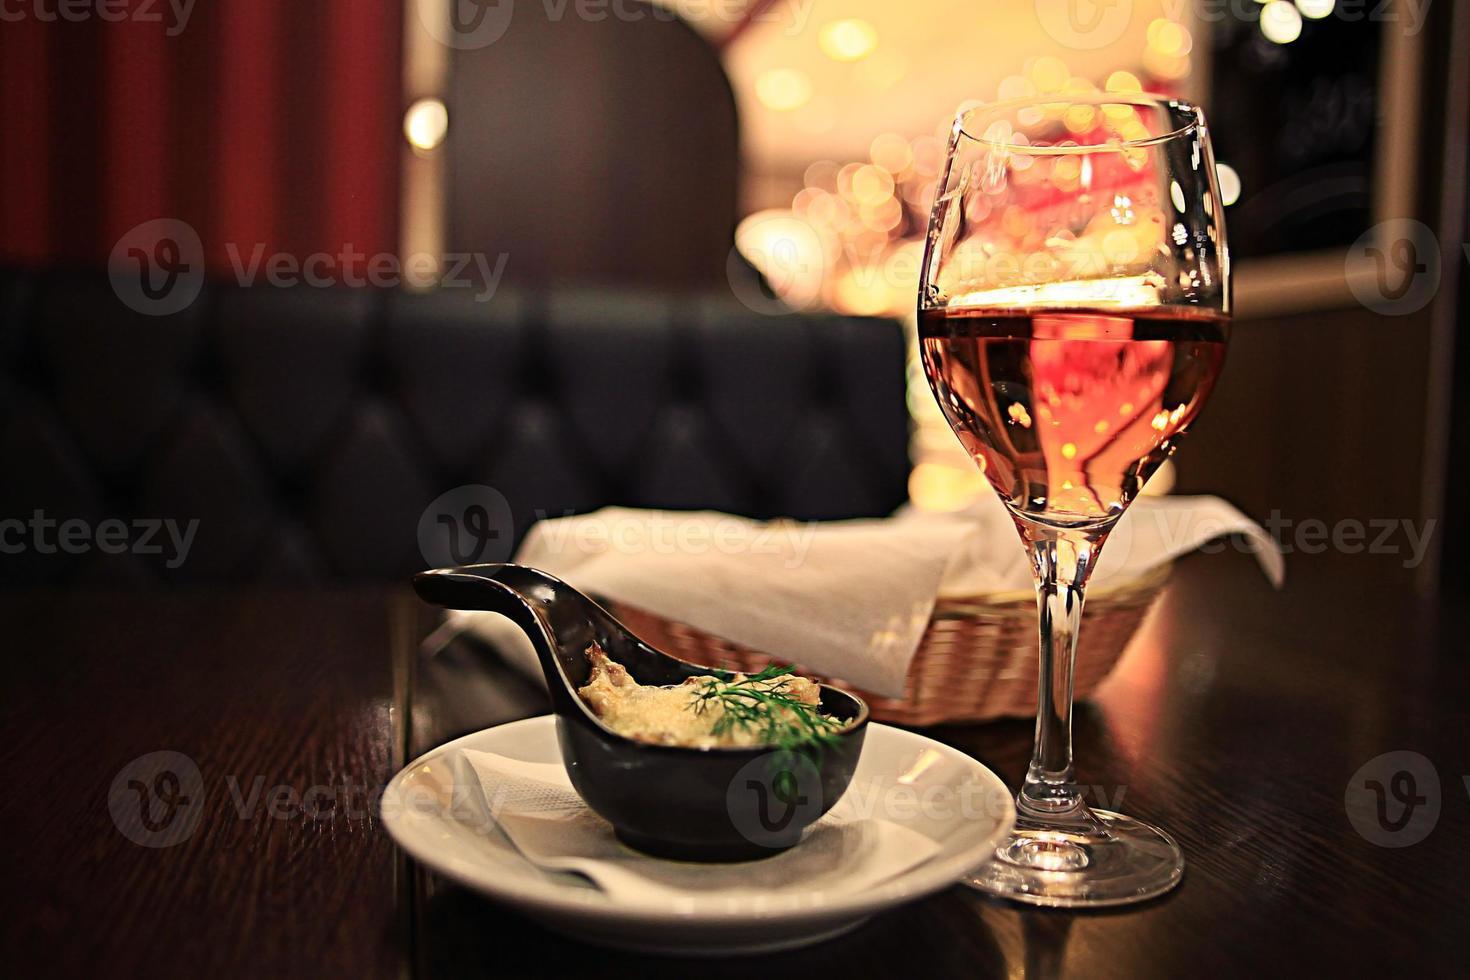 Glas Wein Restaurant Interieur serviert Abendessen foto